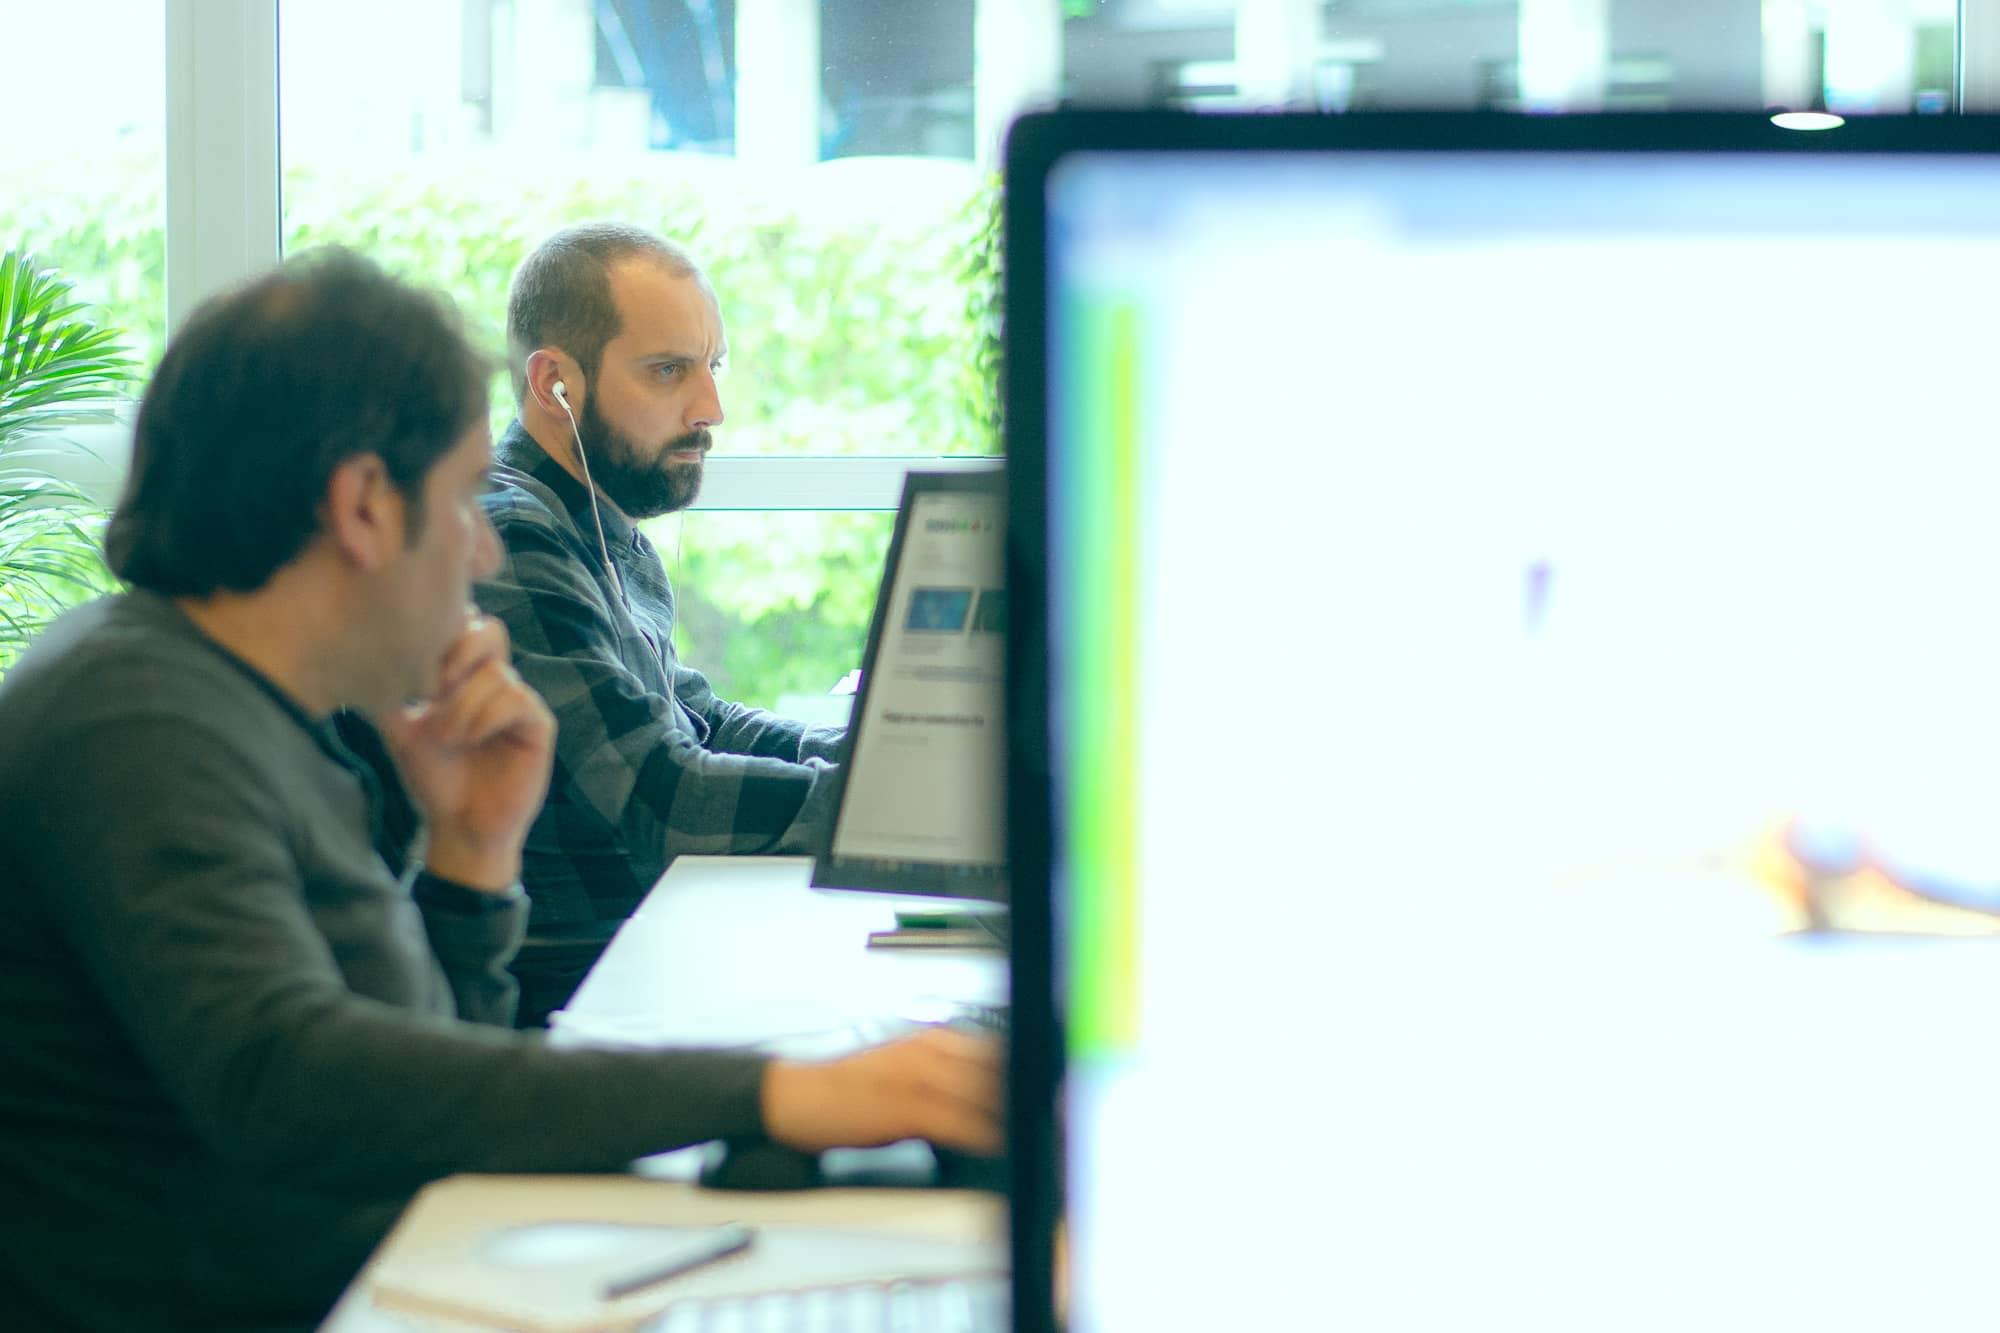 La importancia del buen ambiente en el trabajo